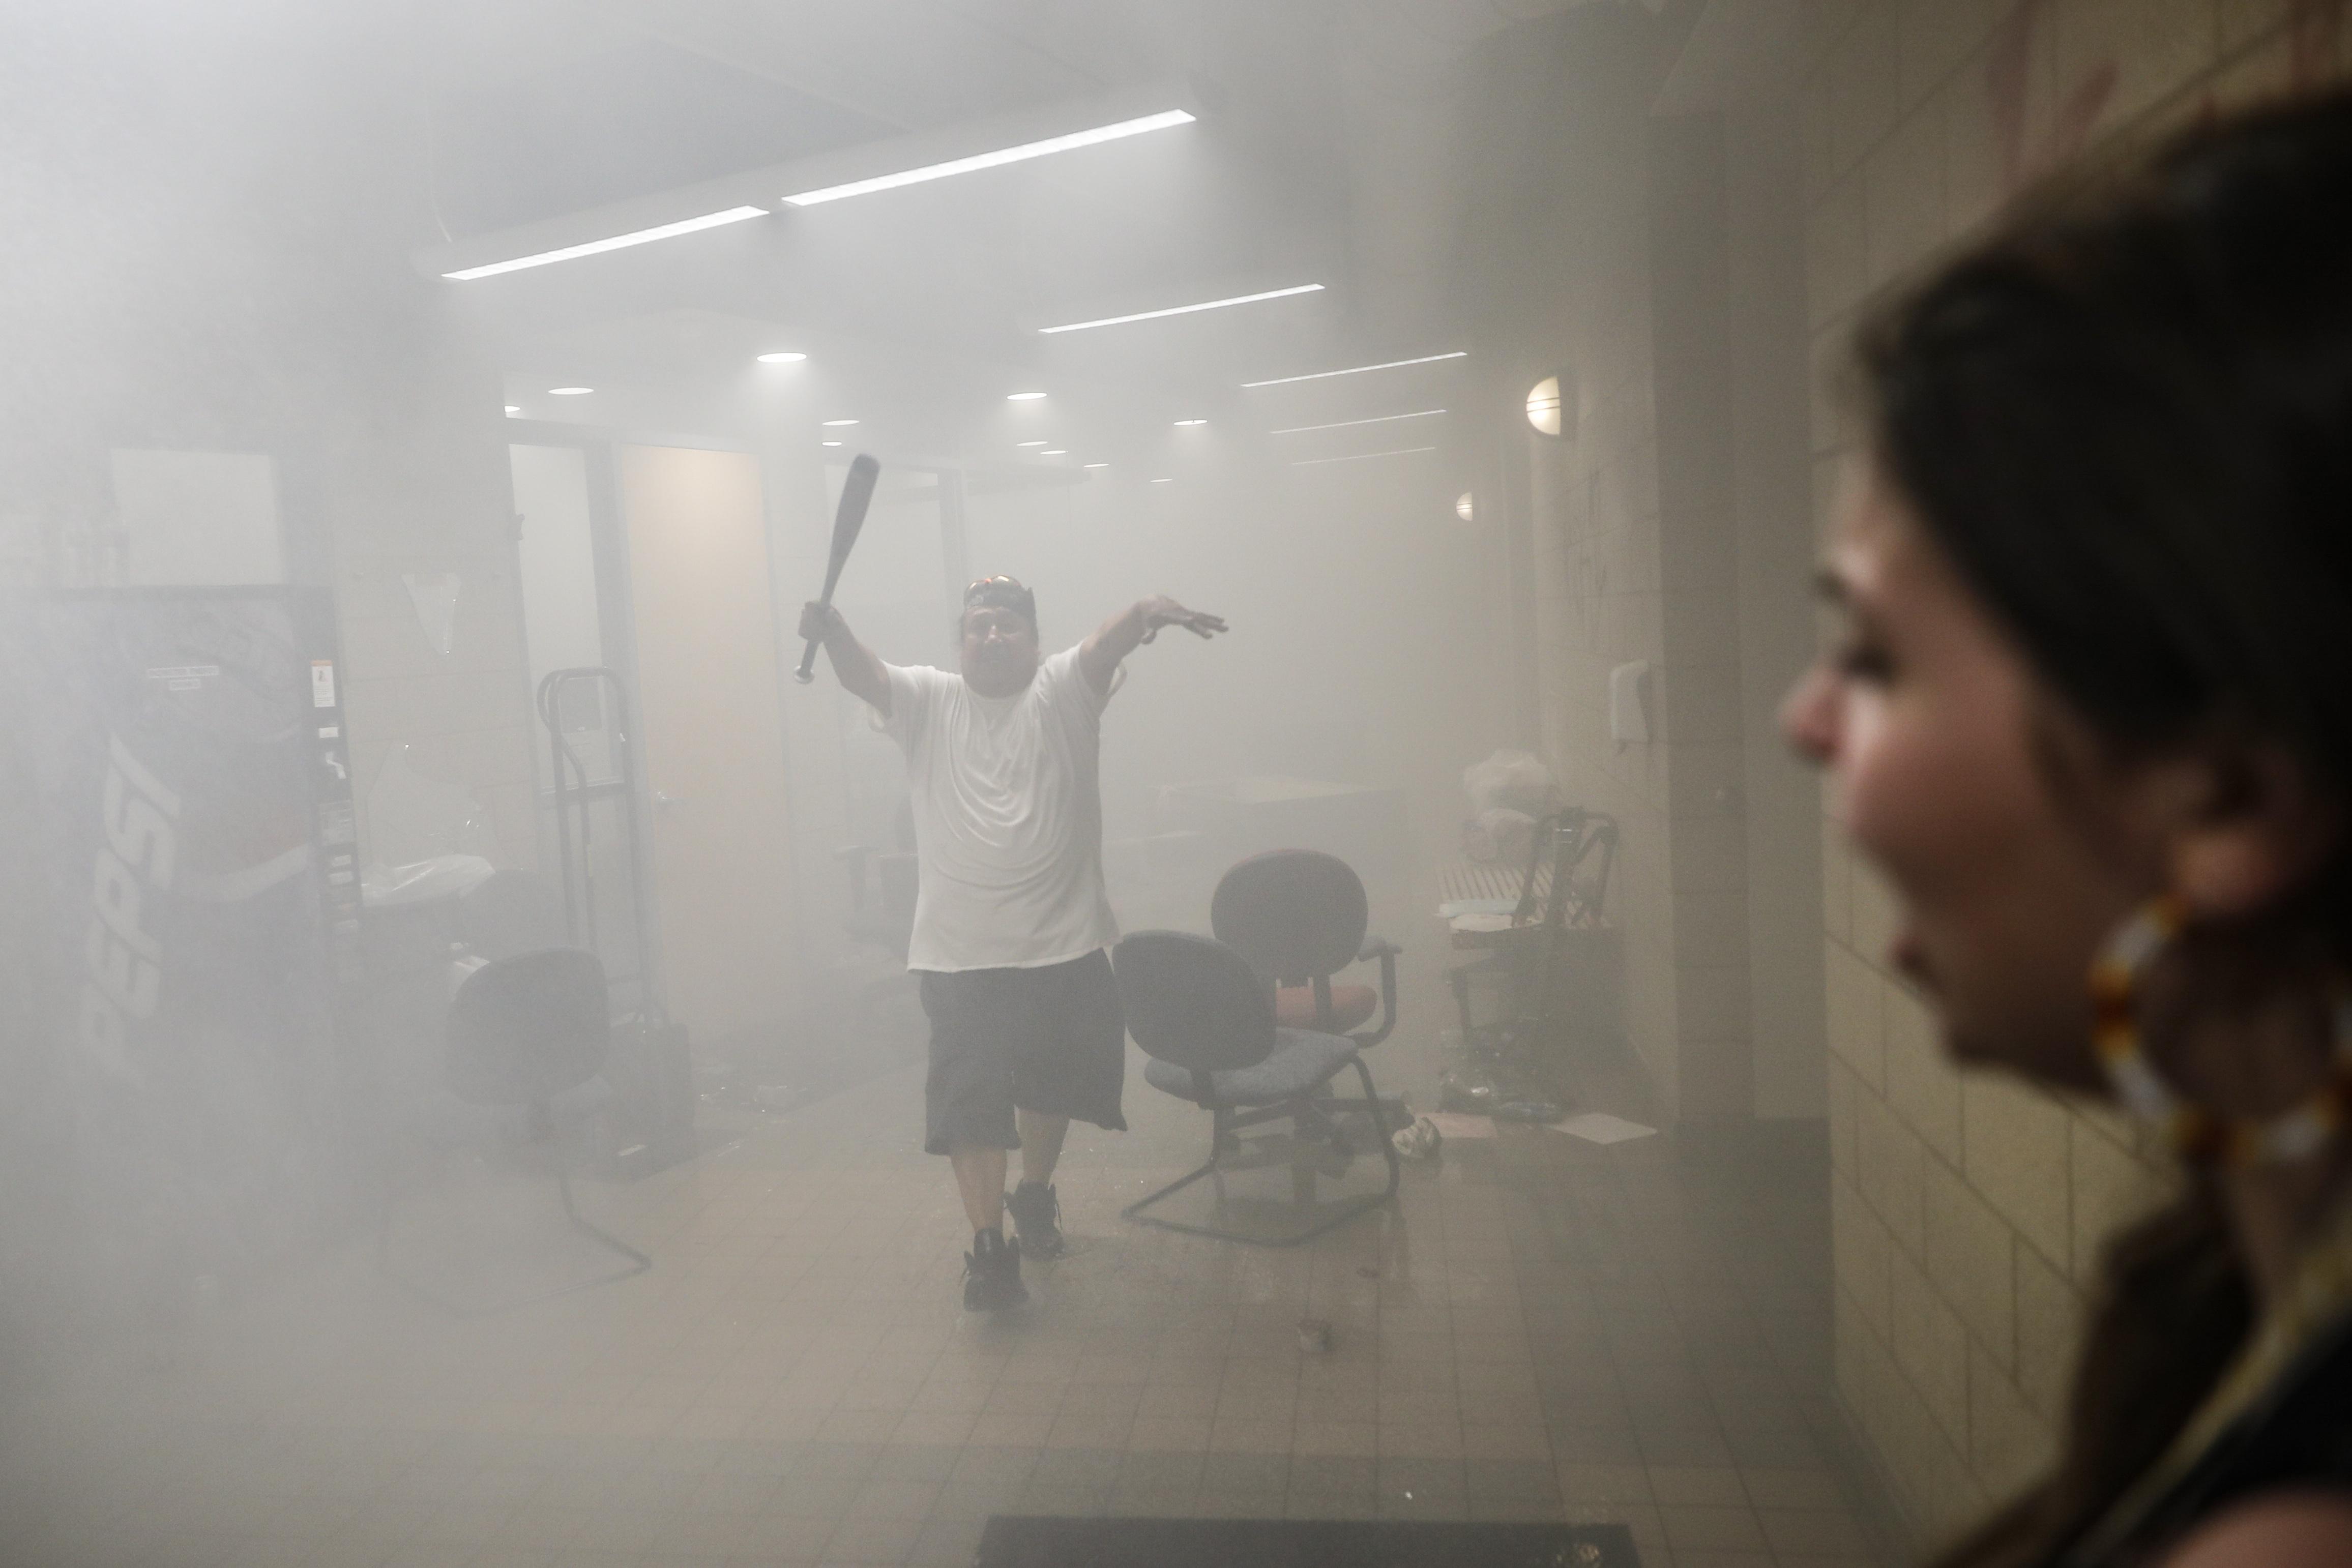 Manifestantes entran en la 3ª Comisaría de Policía de Minneapolis ya en llamas, el jueves 28 de mayo de 2020 (Foto AP/John Minchillo)